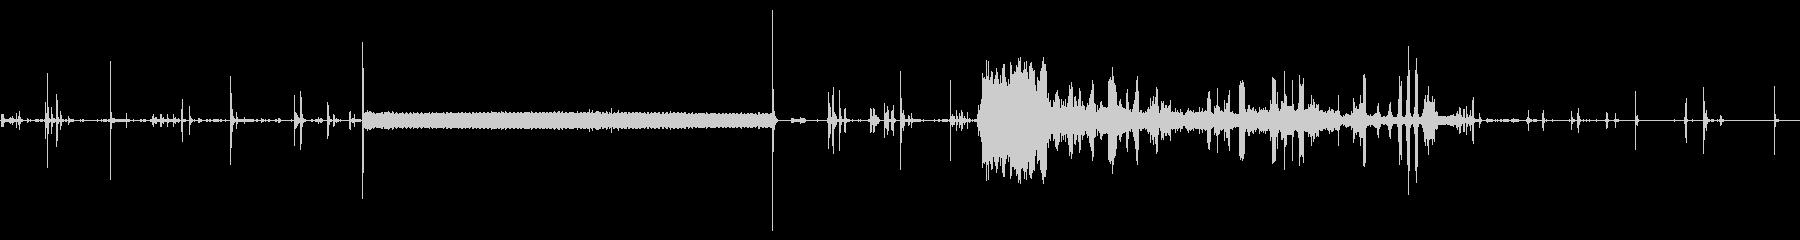 レストランカプチーノマシン:カプチ...の未再生の波形